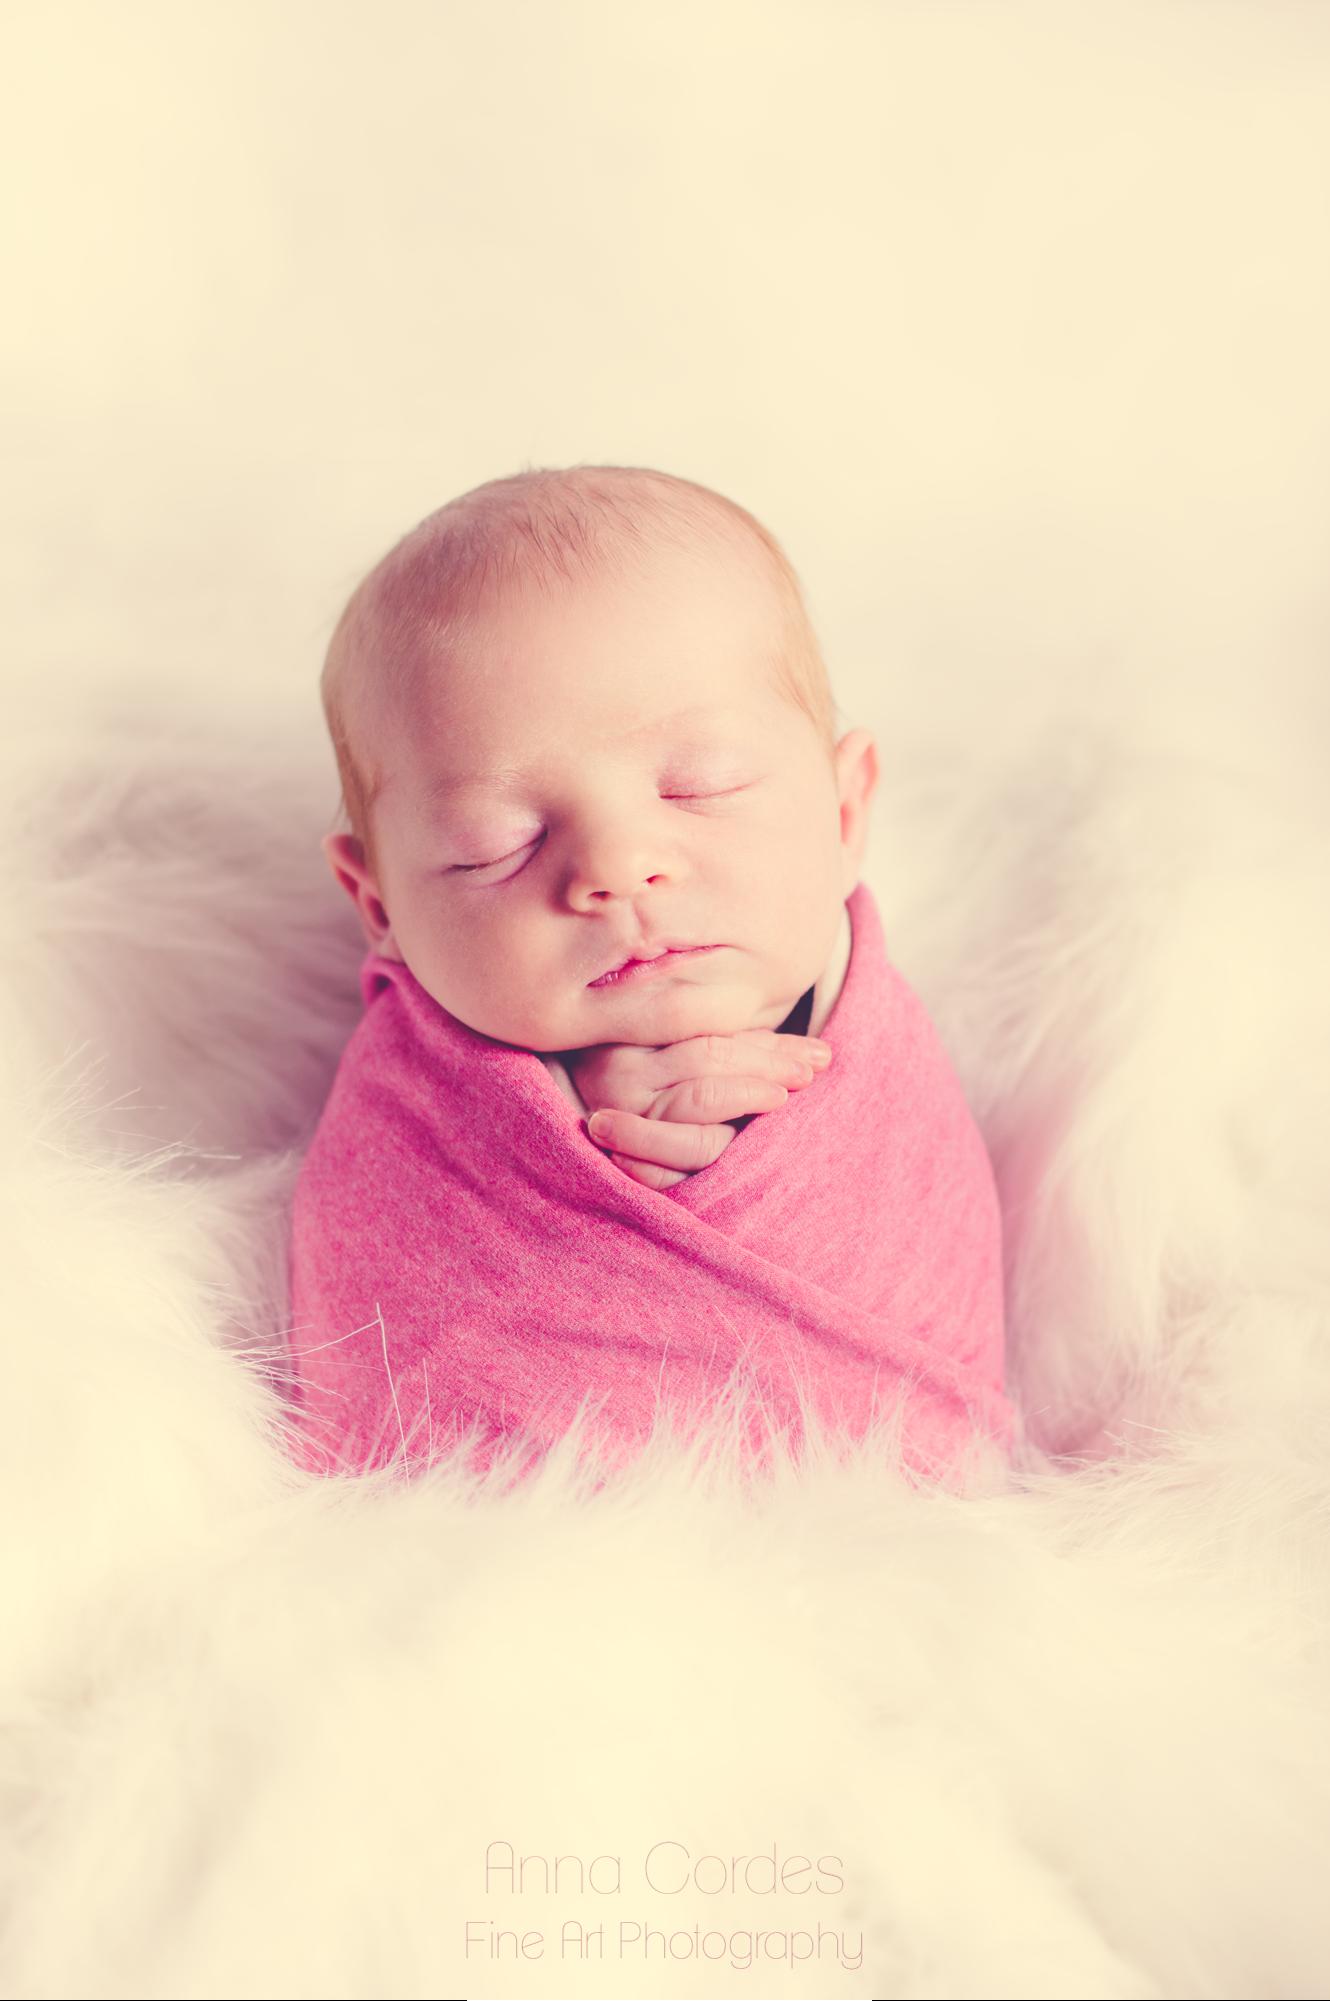 Newborn Baby Neugeborenenfoto Foto Shooting Fotoshooting Newbornshooting Newbornfoto Babyshooting Babyfoto Wien Niederösterreich